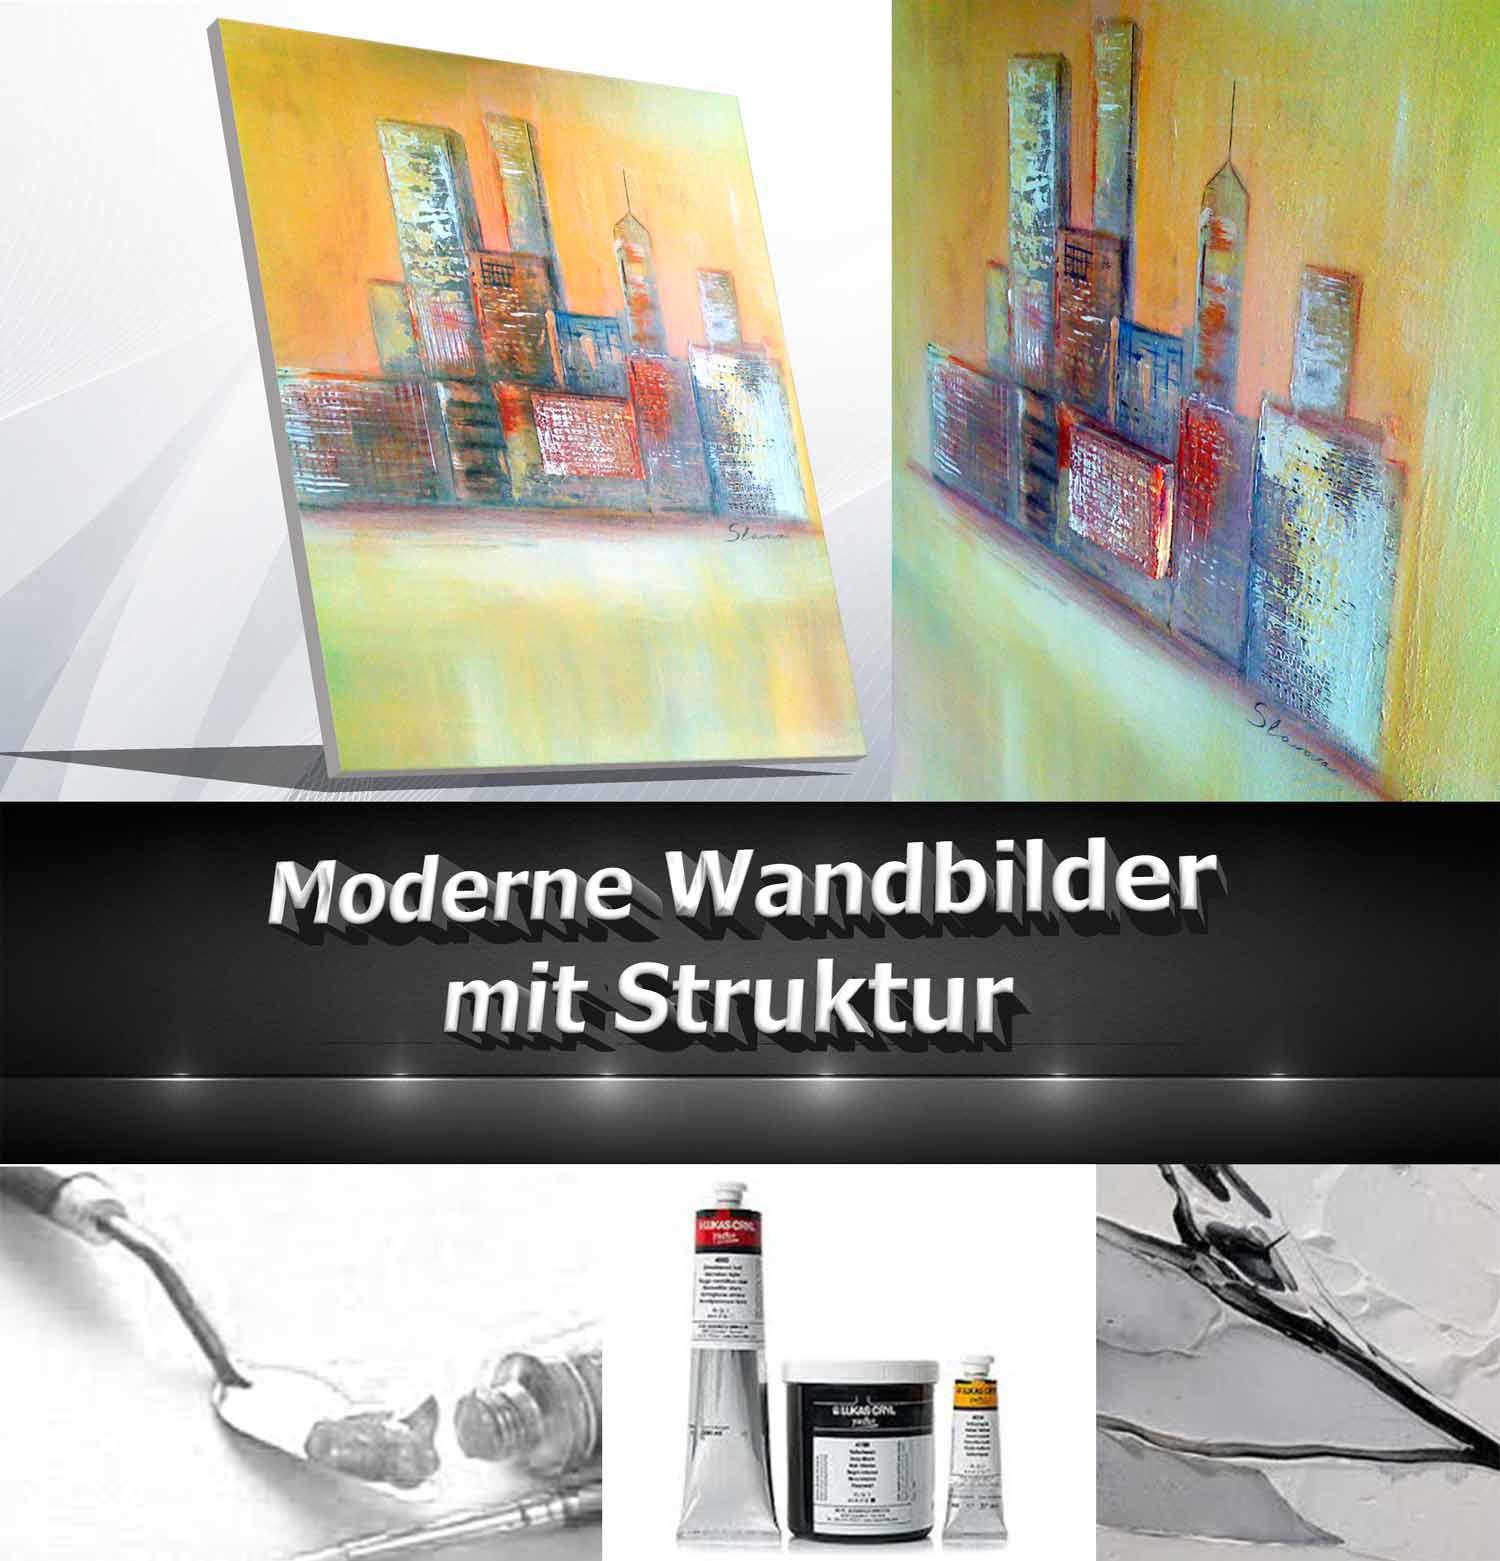 Wandbilder mit Struktur